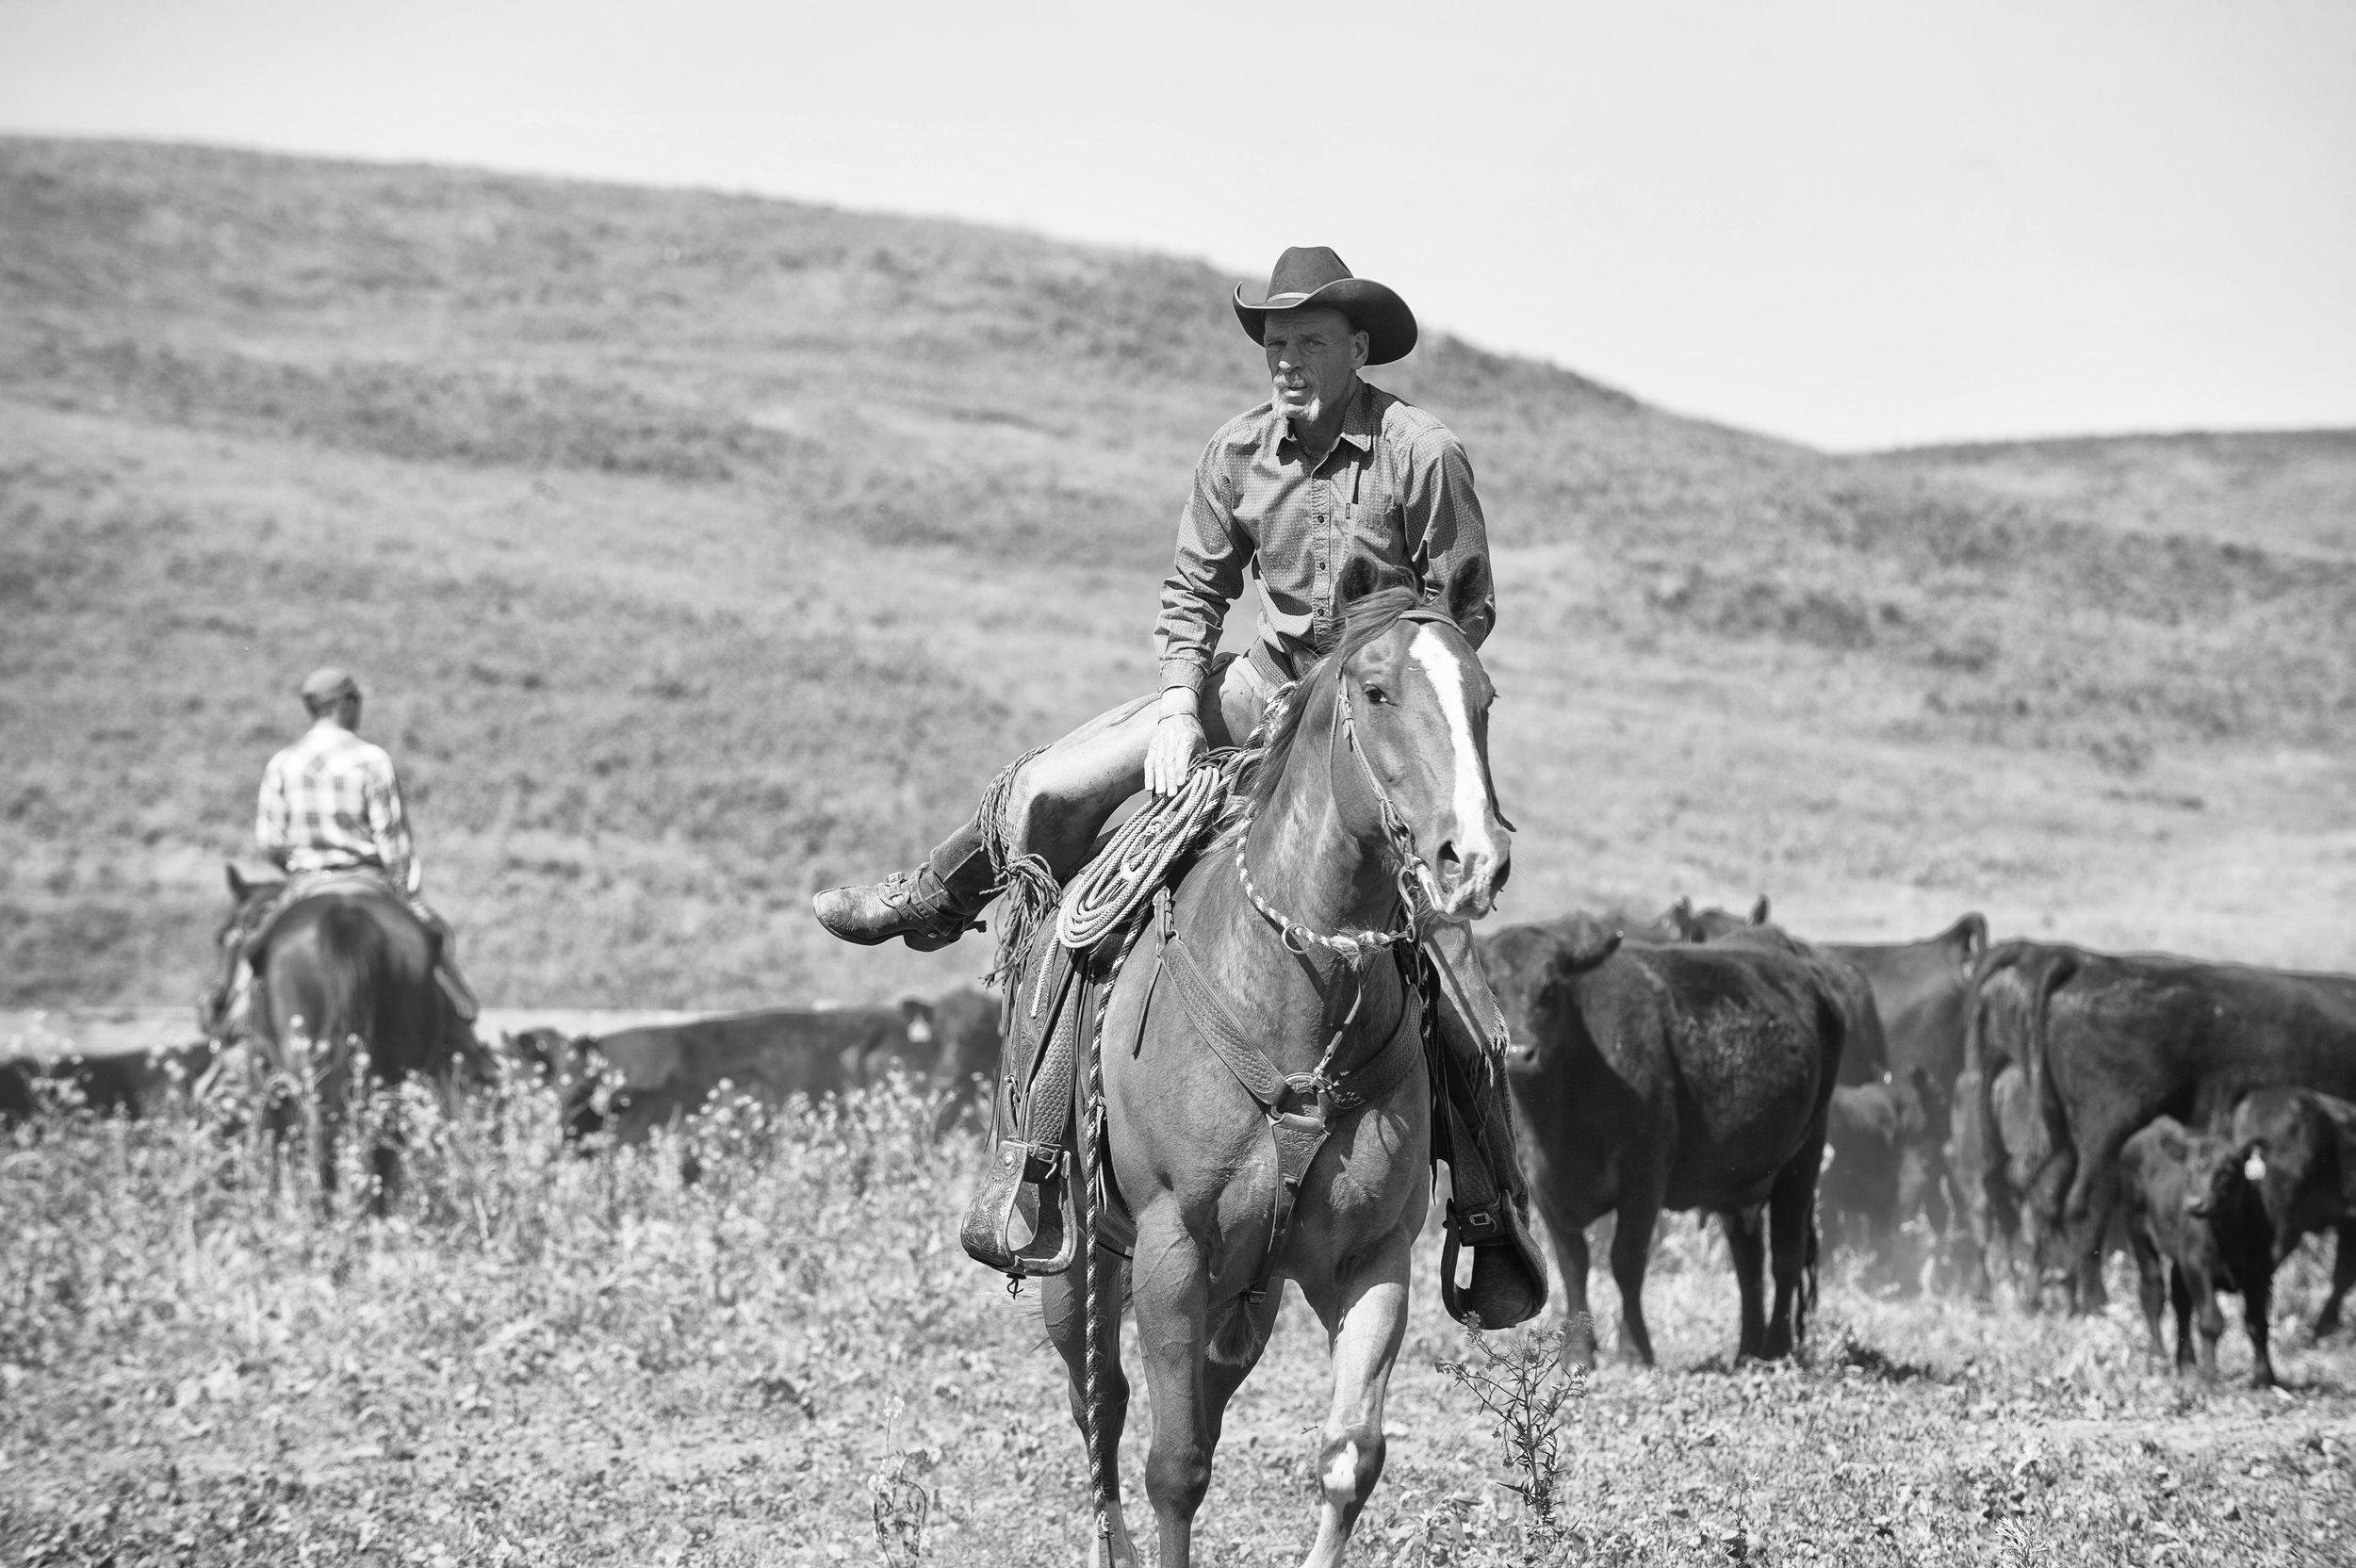 Lyle Konchu- The Cowboy Welder